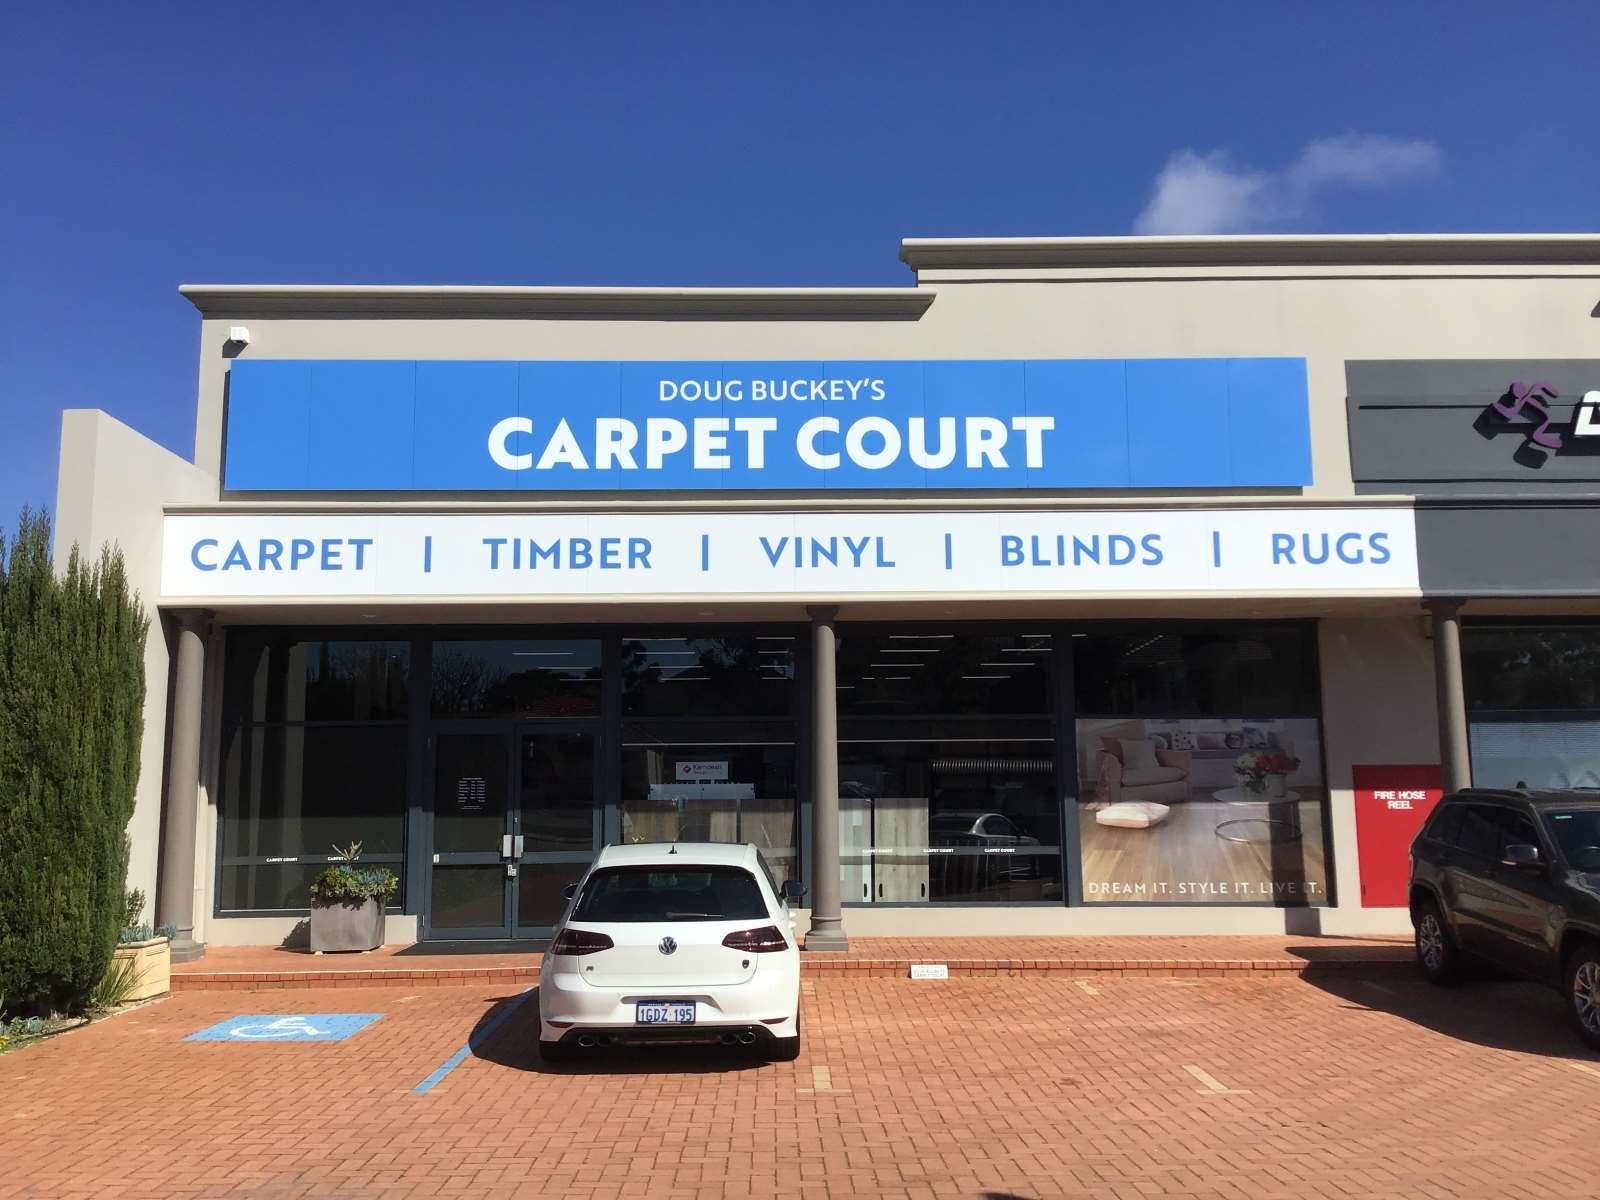 Doug Buckey's Carpet Court (WA)